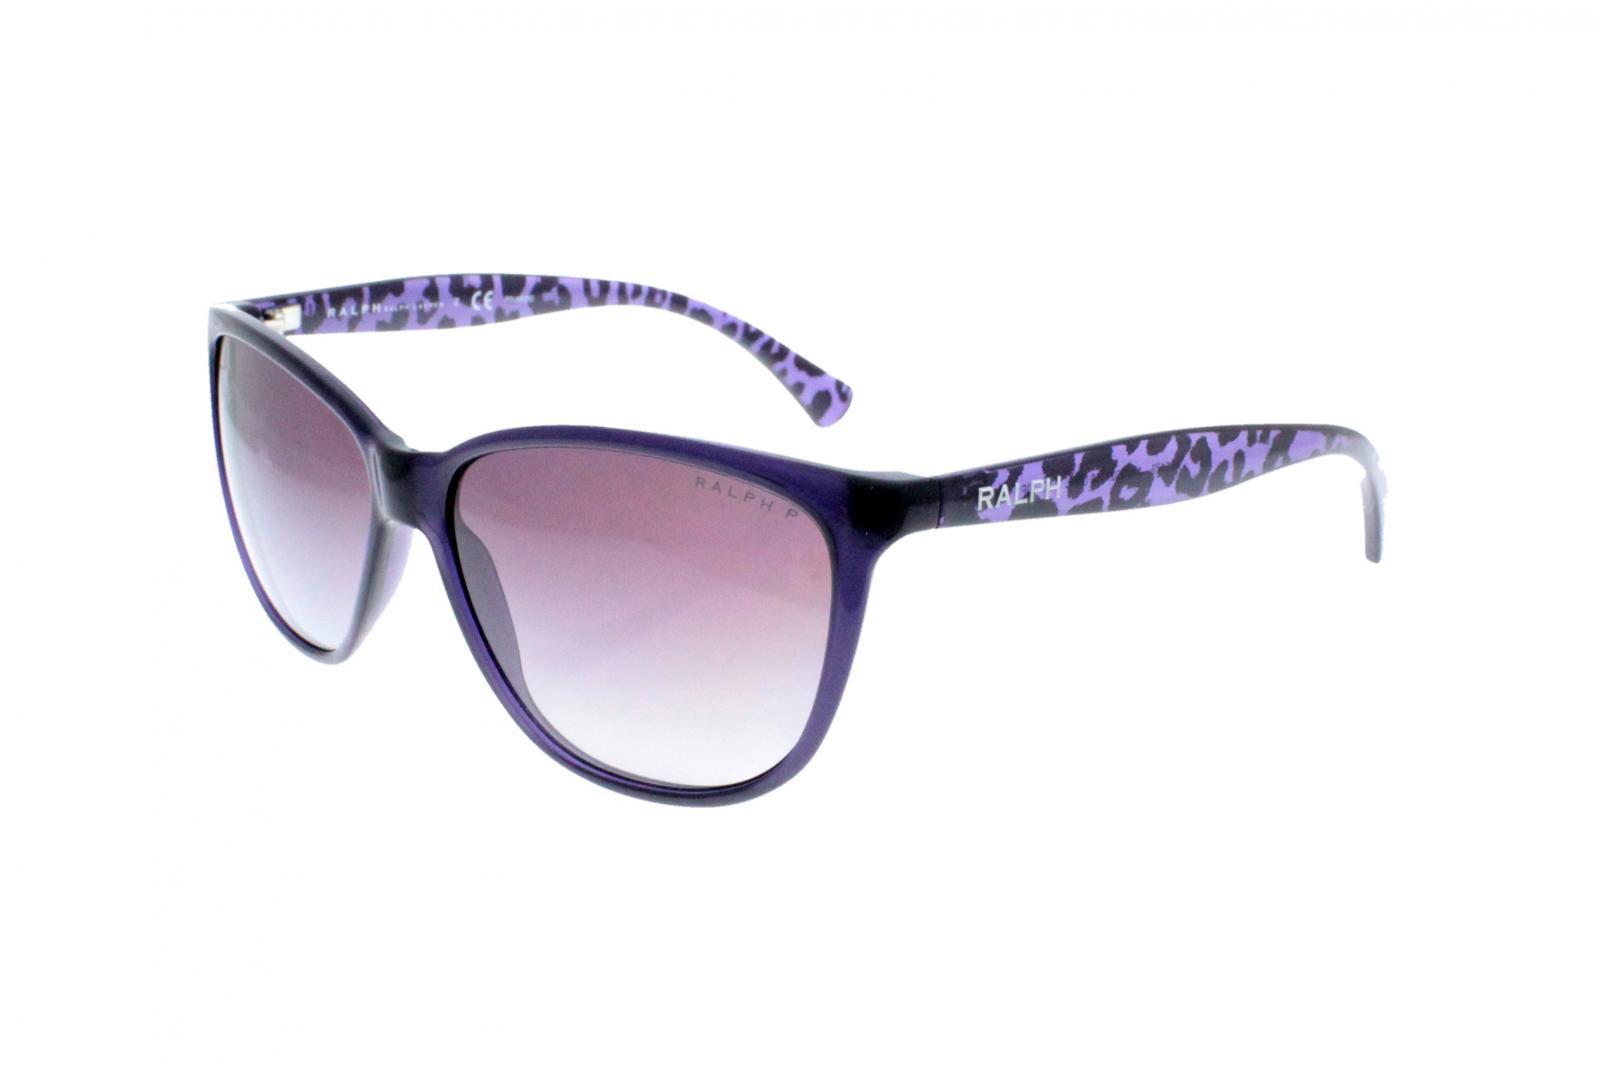 lunettes de soleil ralph lauren rl5179 1103 62 pas cher optical discount. Black Bedroom Furniture Sets. Home Design Ideas